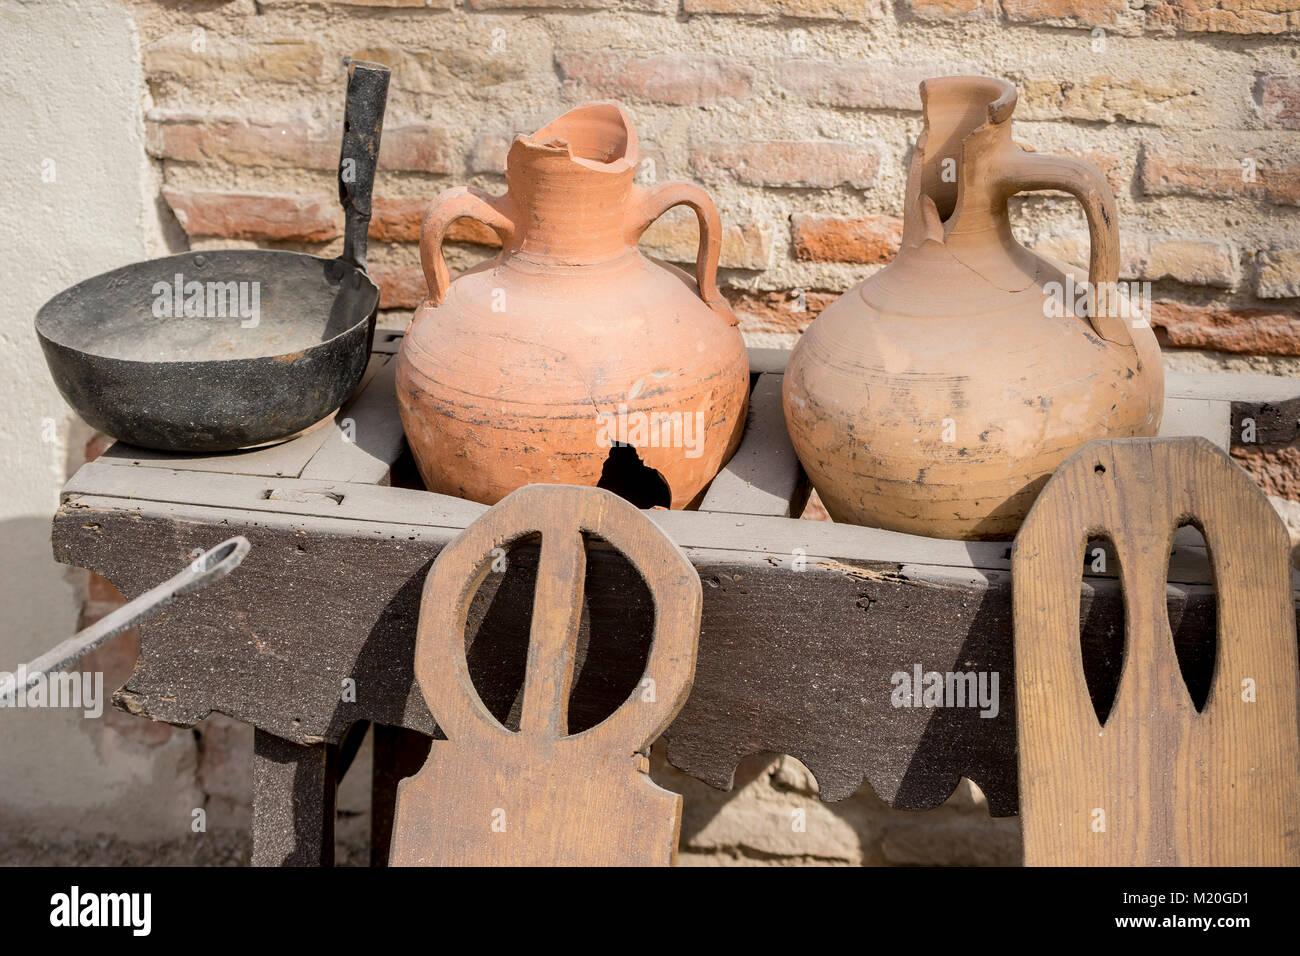 Strumenti cucina gallery of home forbice tagliapizza inox strumenti da cucina with strumenti - Strumenti da cucina ...